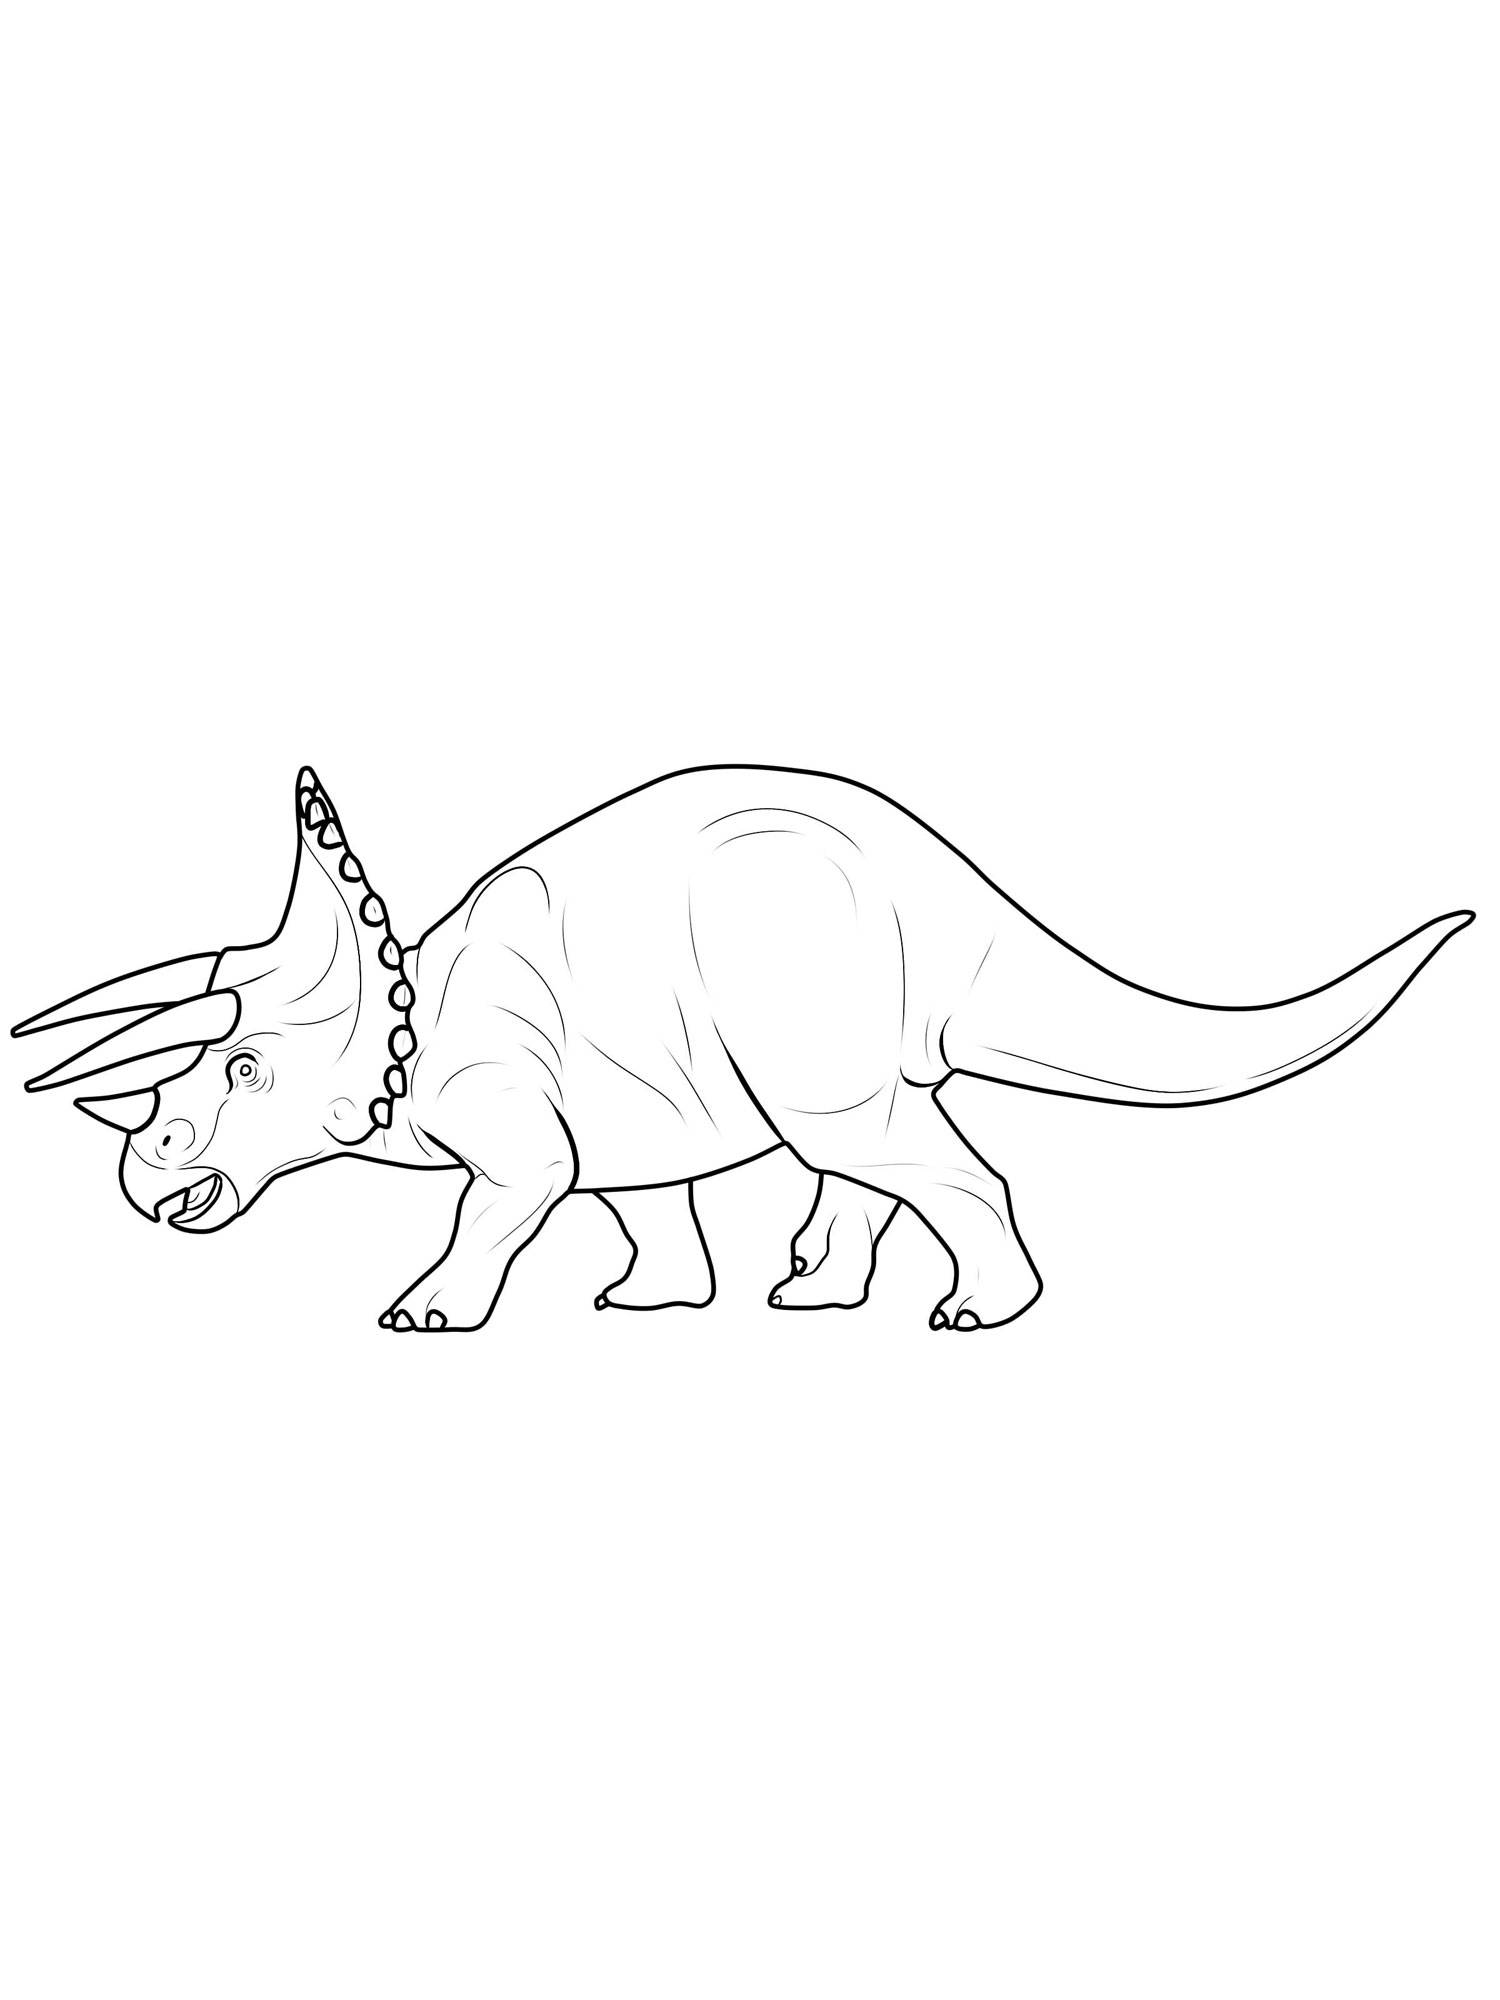 Ausmalbilder Für Kinder Dinosaurier : Niedlich Ausmalbild Dinosaurier Fotos Malvorlagen Von Tieren